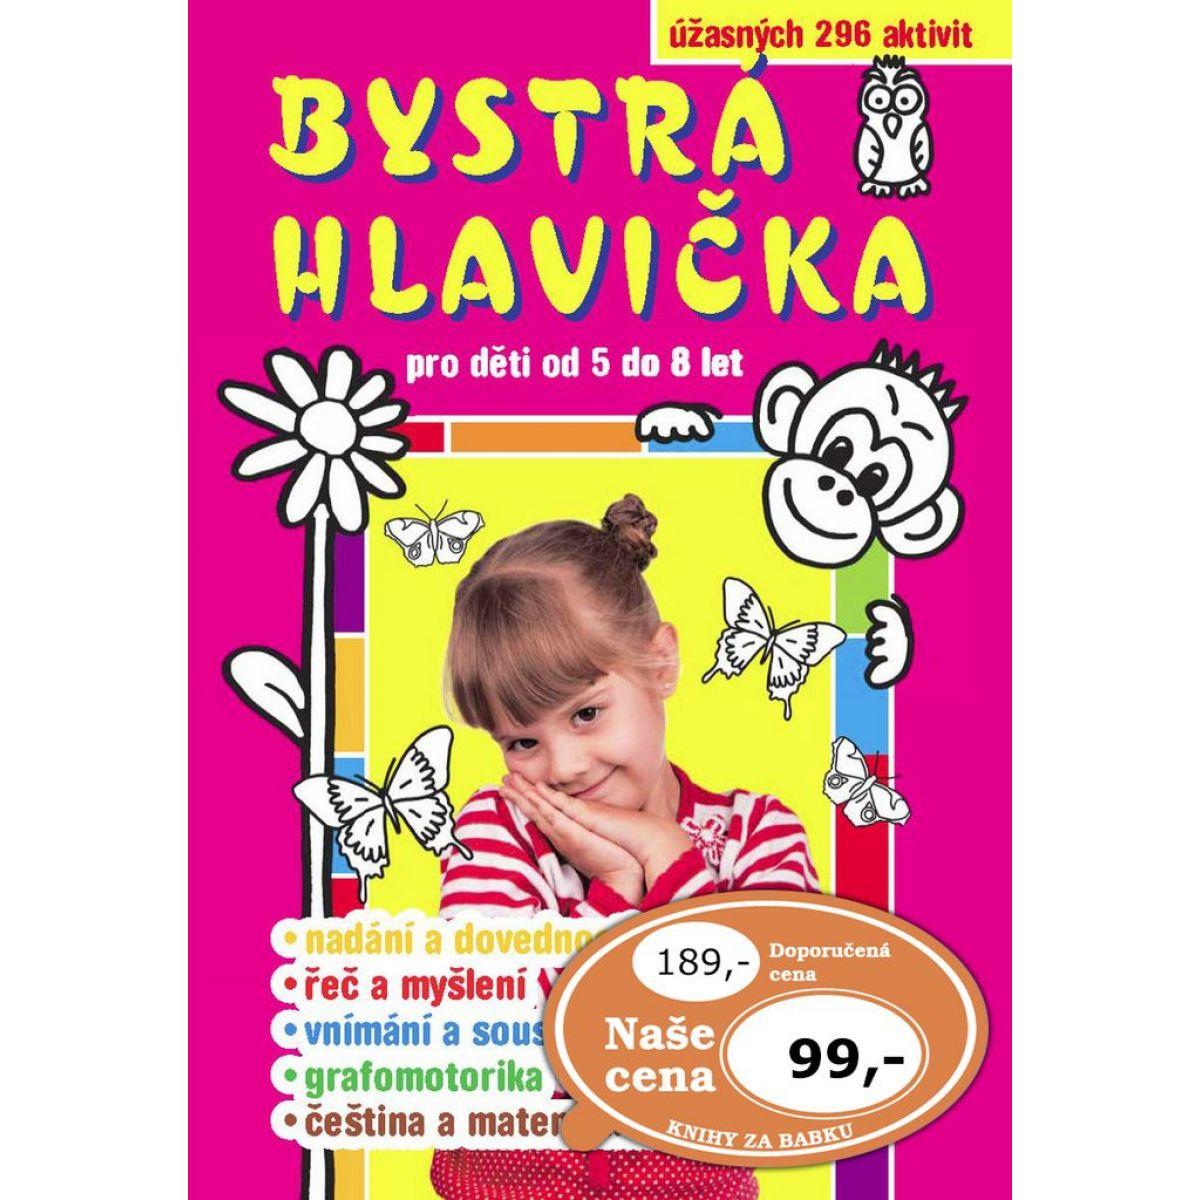 Bystrá hlavička pro děti od 5 do 8 let